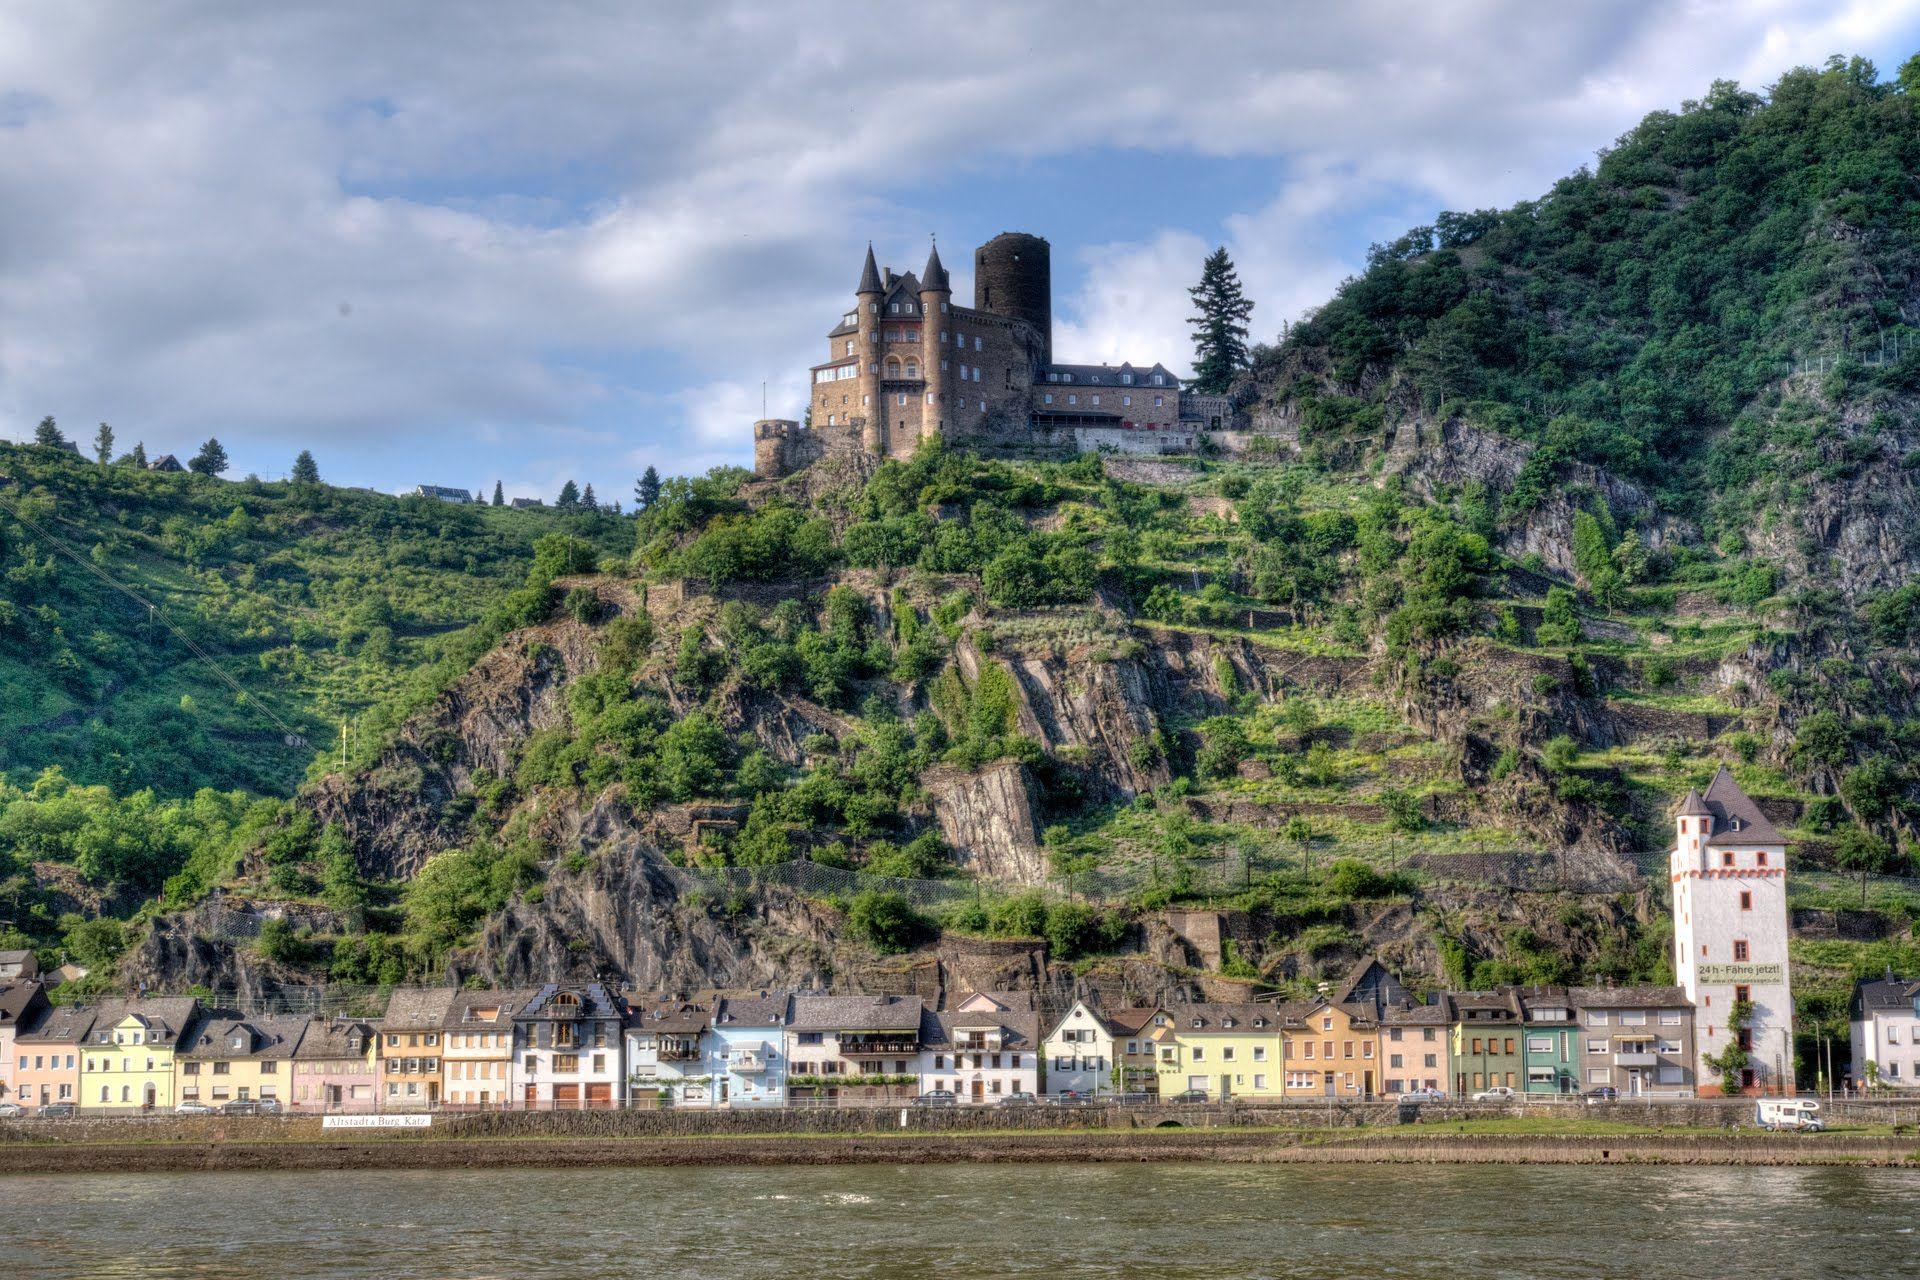 Sankt Goarshausen Burg Katz Rheinhange Von Burg Gutenfels Bis Zur Loreley Burg Sankt Rheine